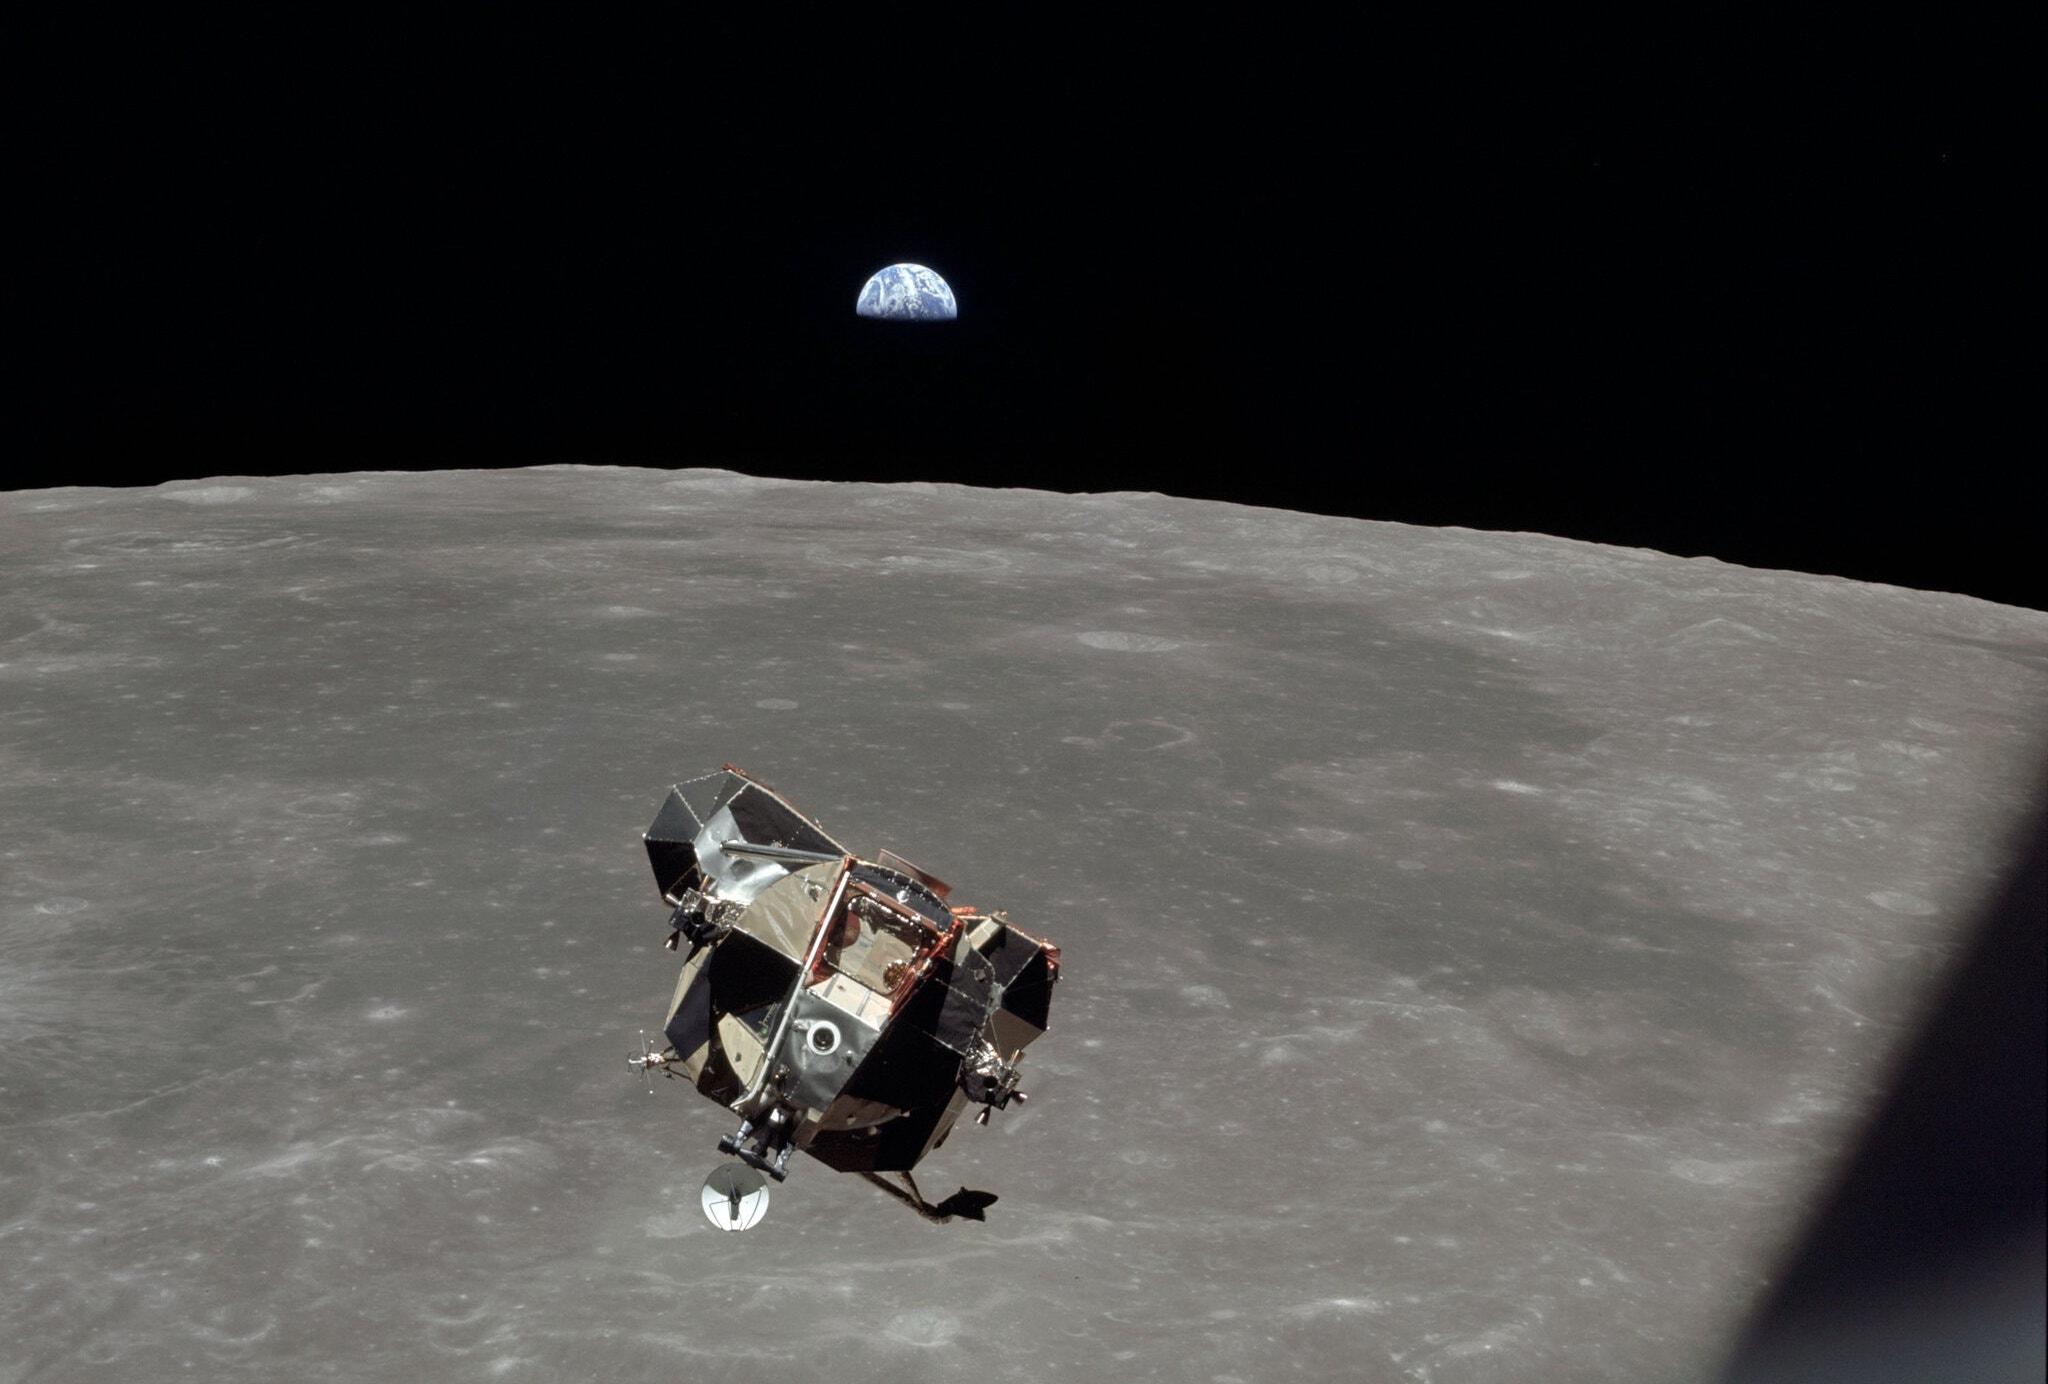 À quoi Michael Collins a t-il pensé une fois seul derrière la Lune ?